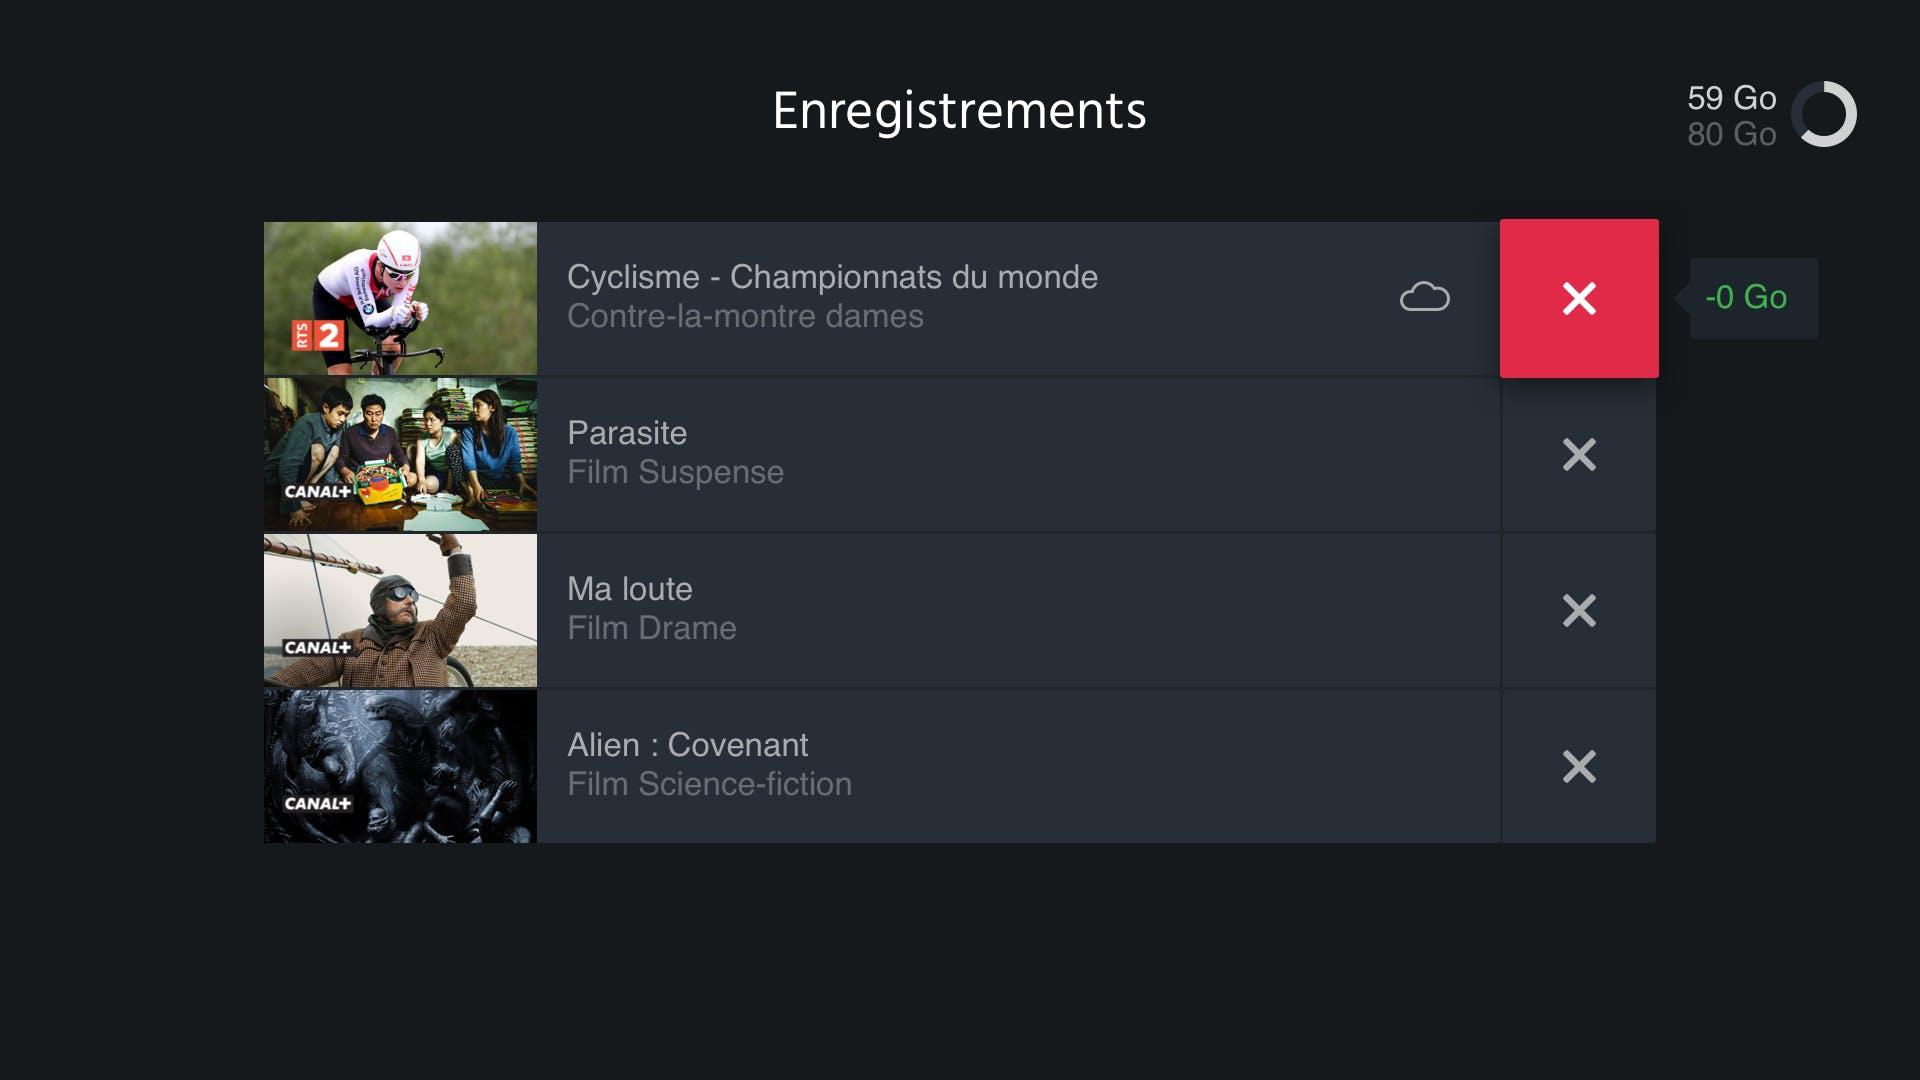 007c-PVR Suisse - Liste des enregistrements - Focus btn suppr contenu RTS2.png